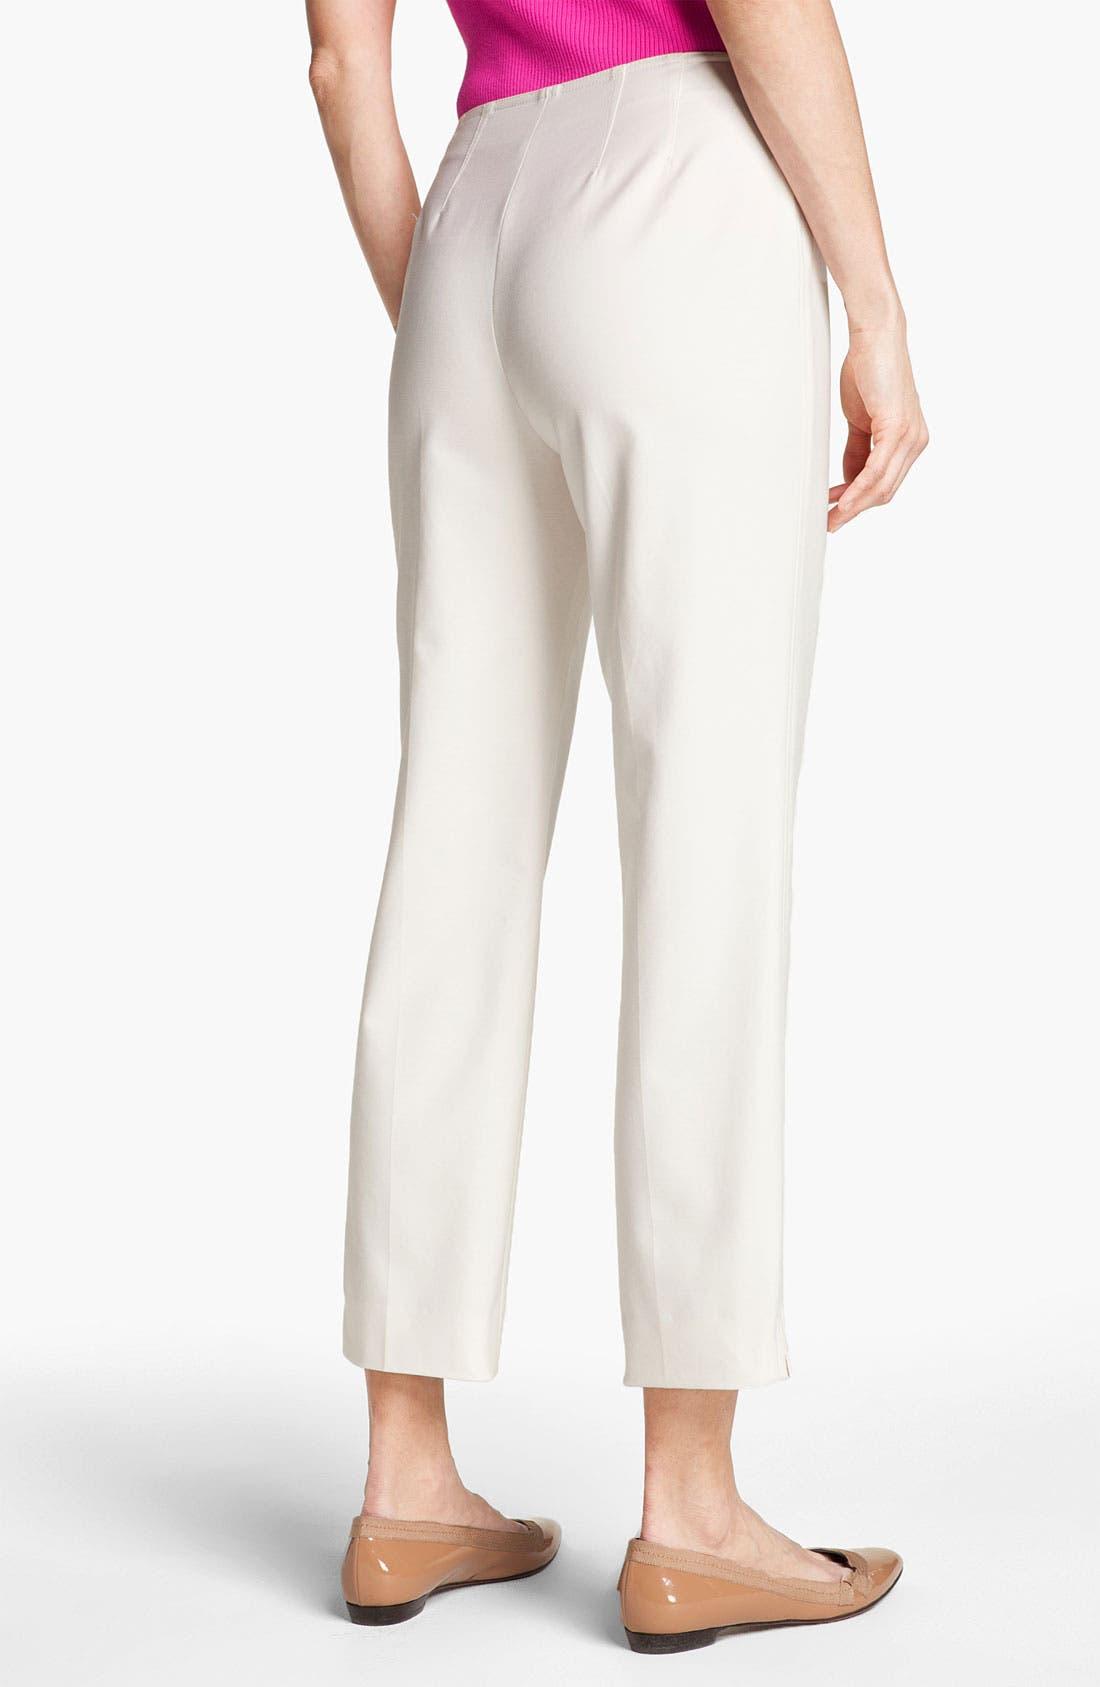 Alternate Image 2  - St. John Yellow Label 'Audrey' Double Weave Stretch Cotton Capri Pants